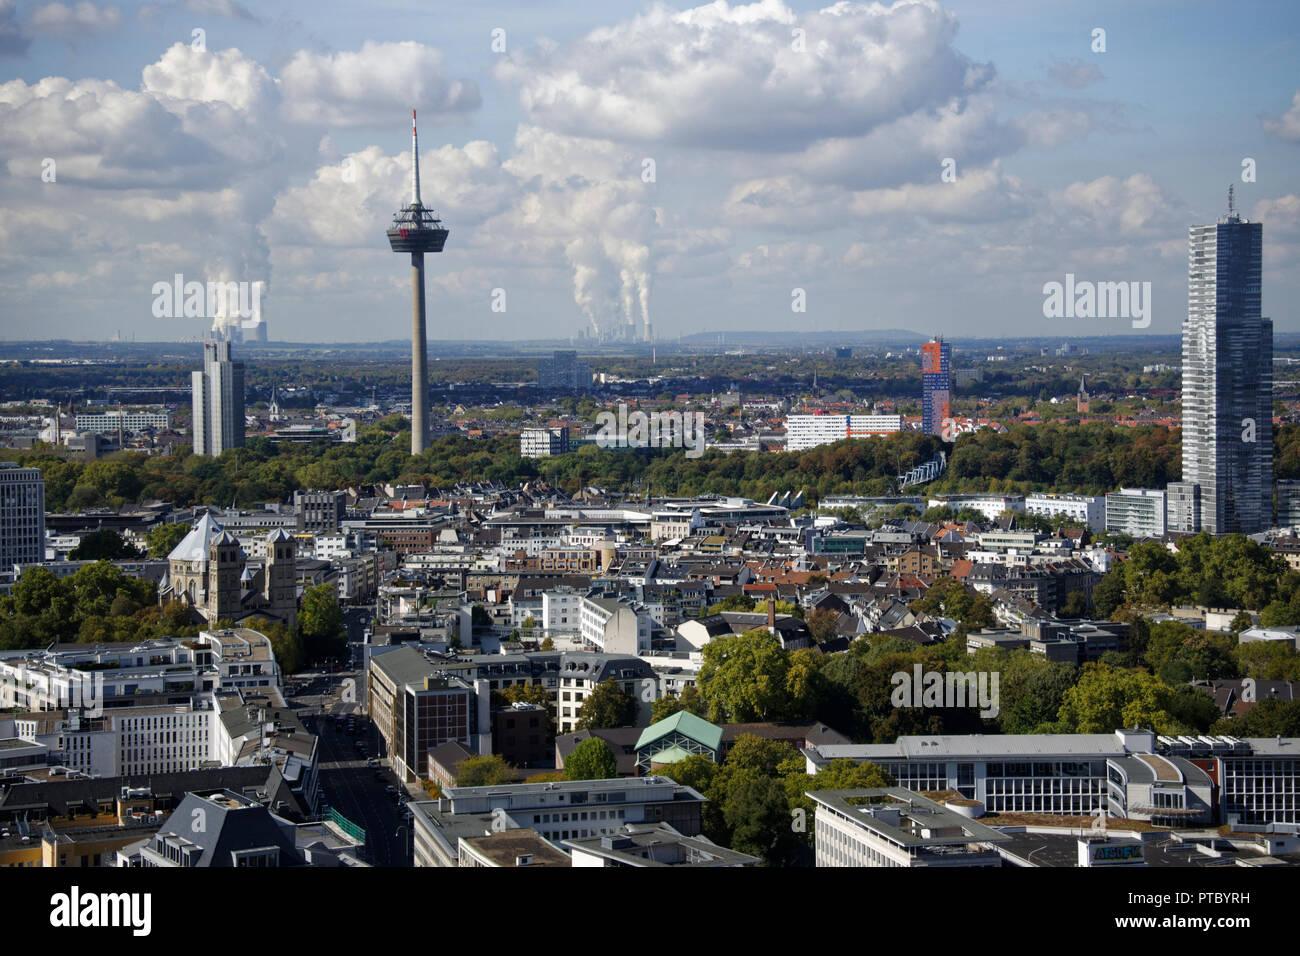 Der Blick North West Von Der Aussichtsplattform Im Turm Der Gotischen Kolner Dom Zeigt Die Noch Grosser Colonius Turm Stockfotografie Alamy